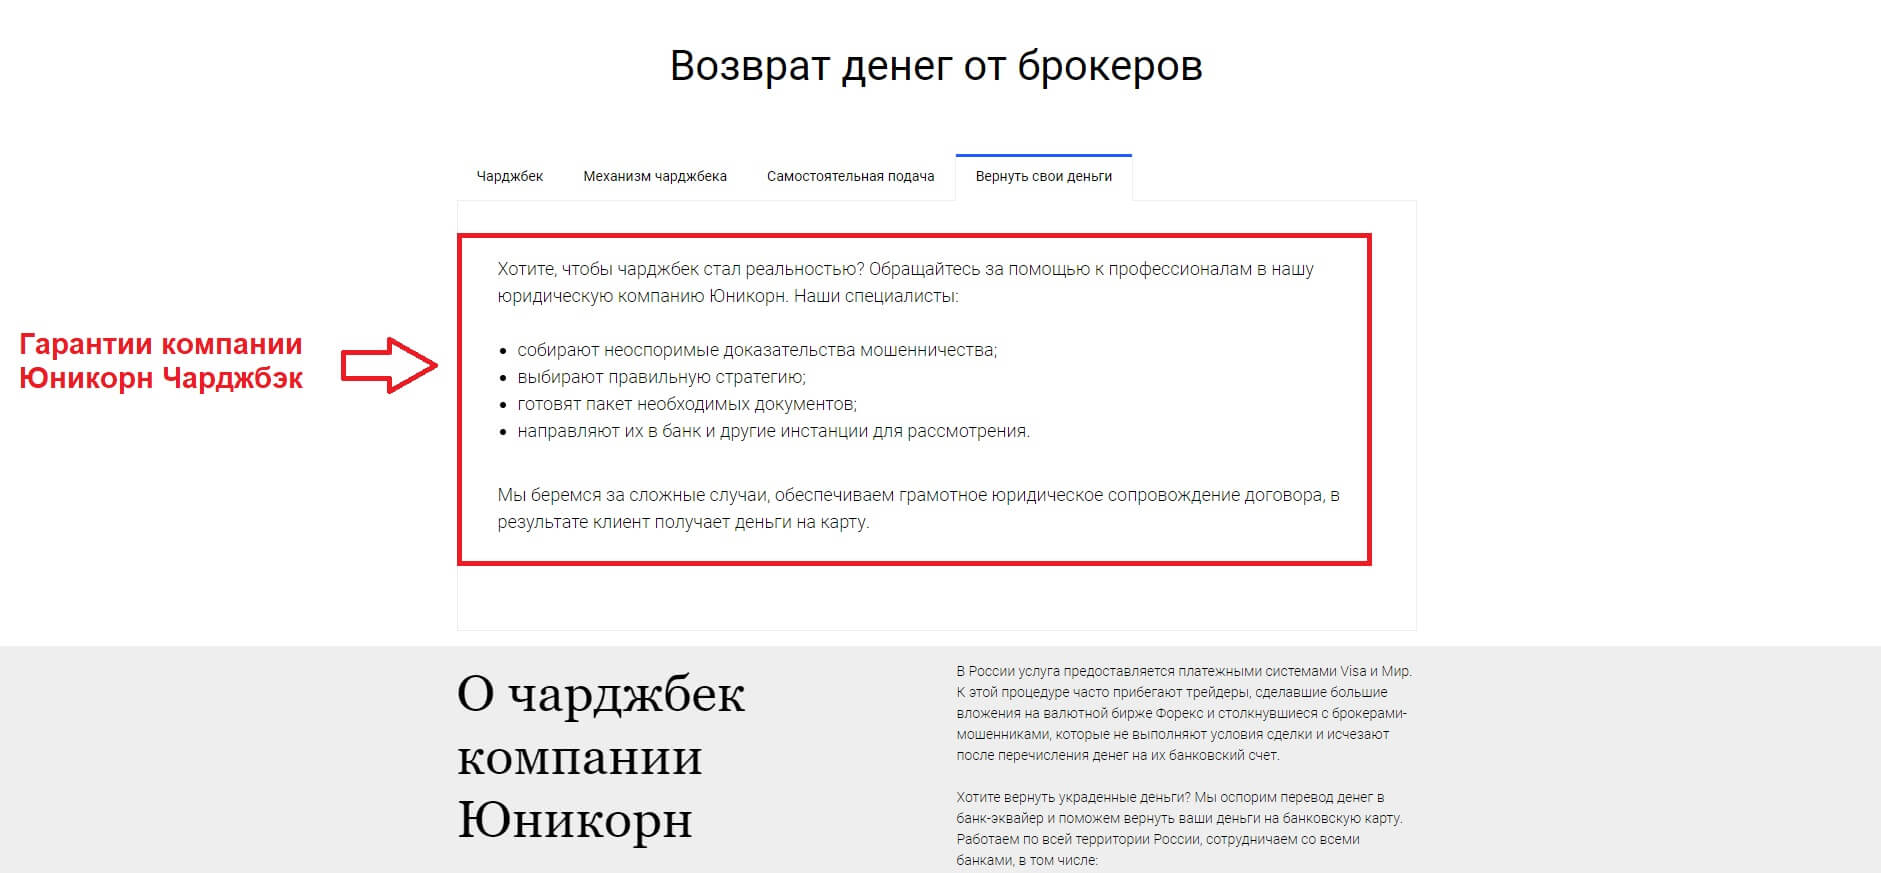 ООО Юникорн Чарджбек